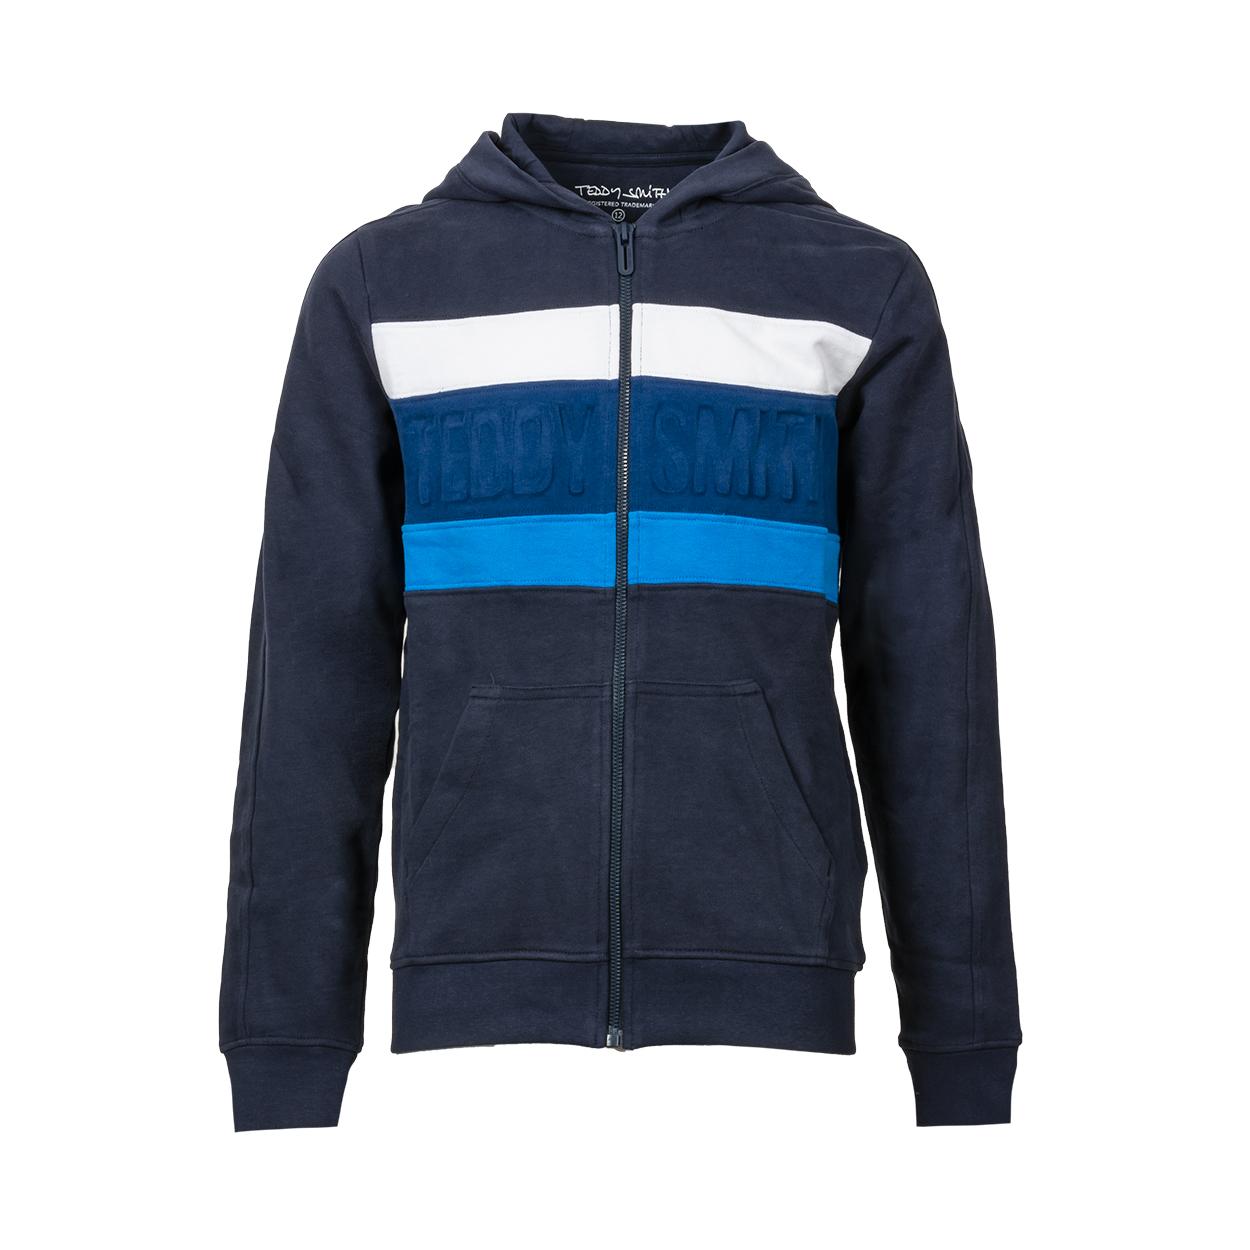 Sweat à capuche zippé teddy smith any en coton colorblock blanc, bleu marine, bleu nuit et bleu électrique